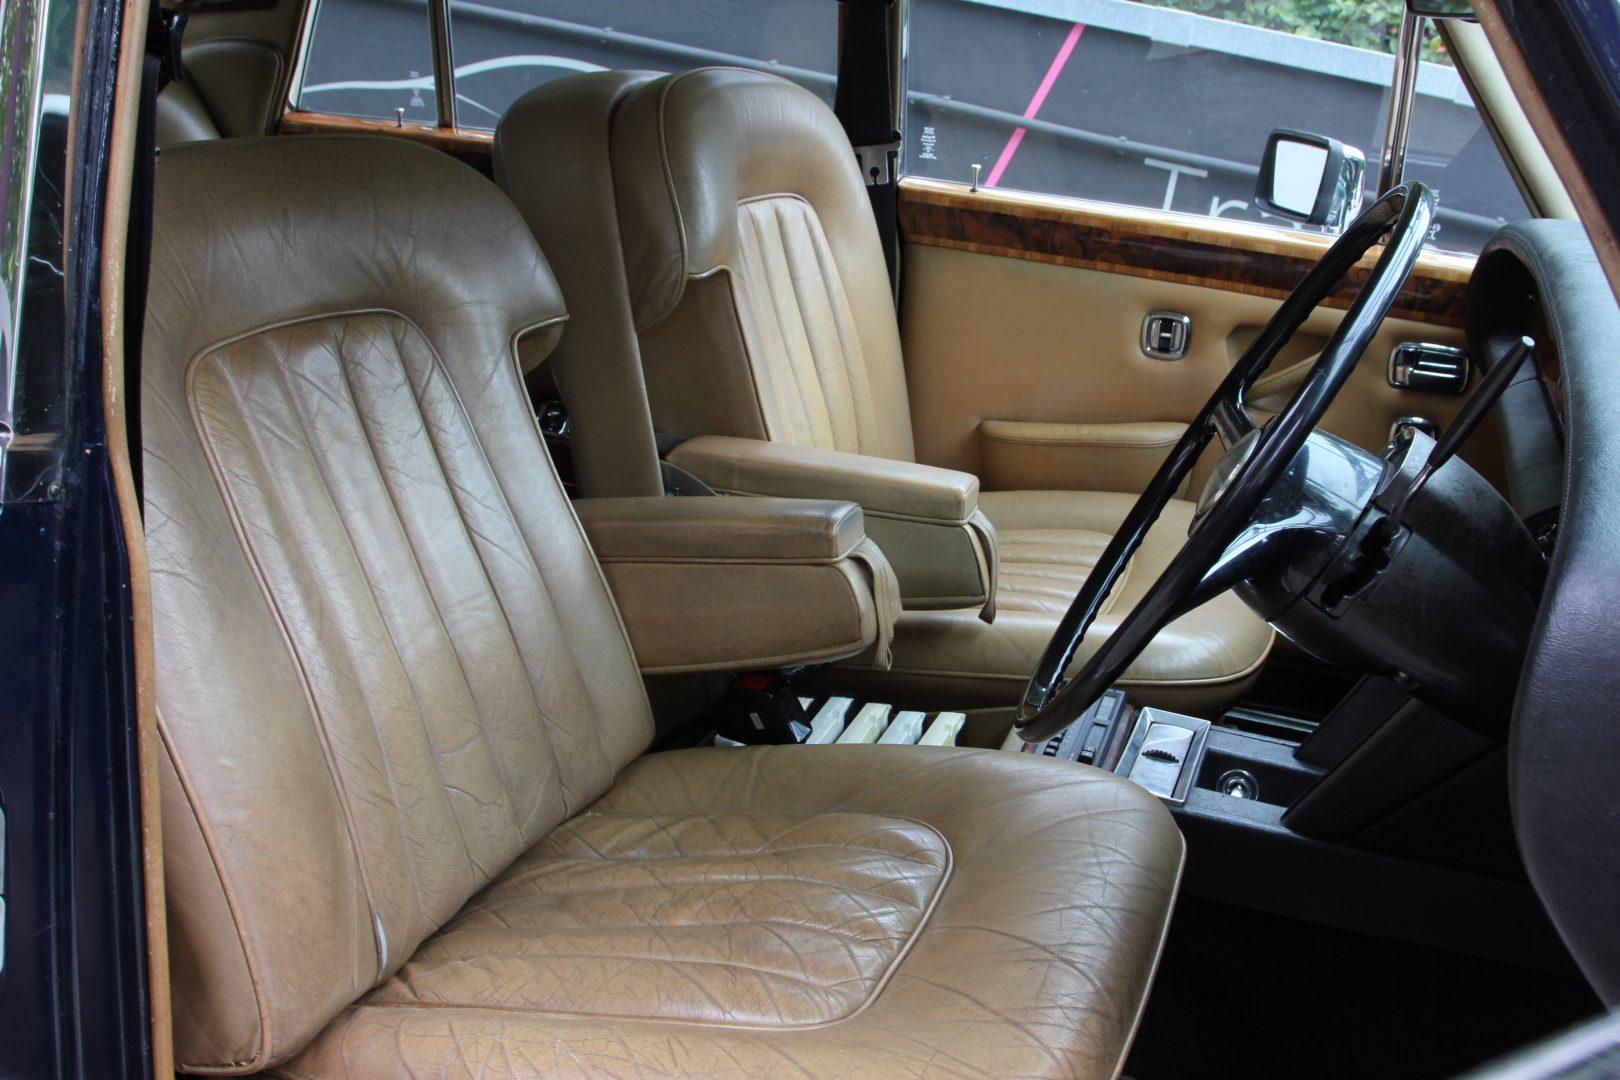 AIL Rolls Royce Silver Shadow 9